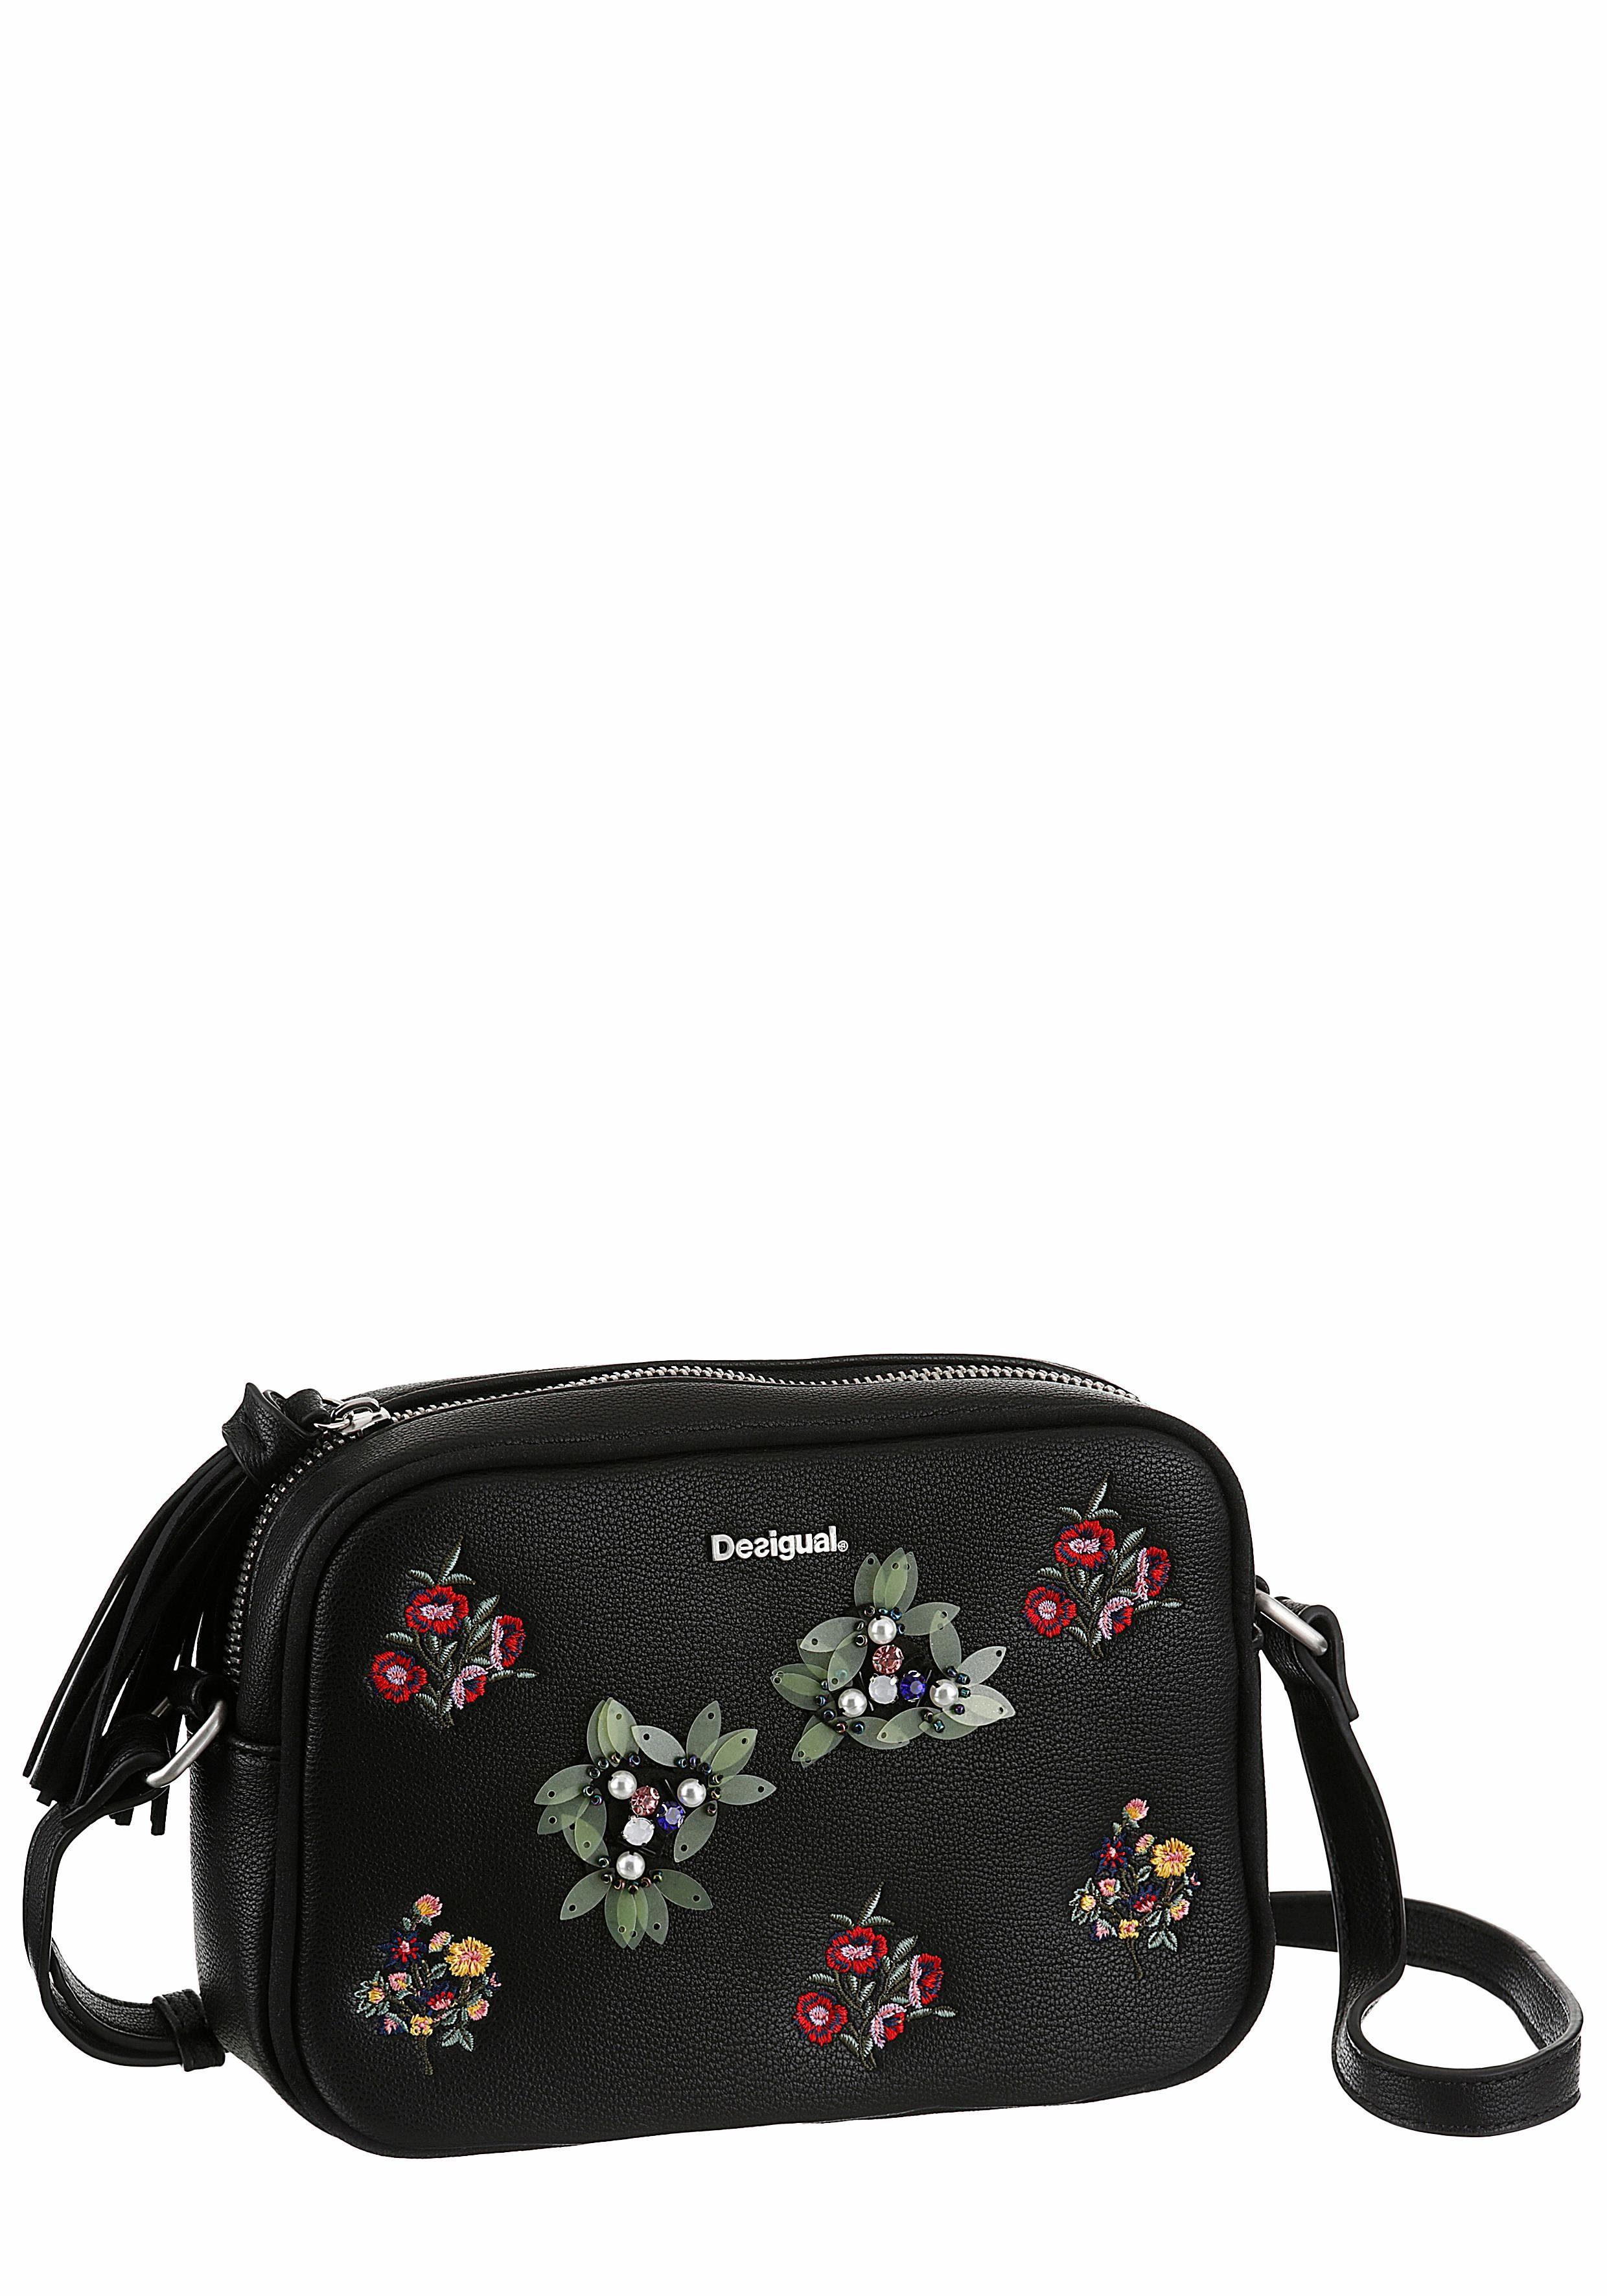 Desigual Umhängetasche »BACARDI CHARLOTTE«, mit modischer Blumenapplikation